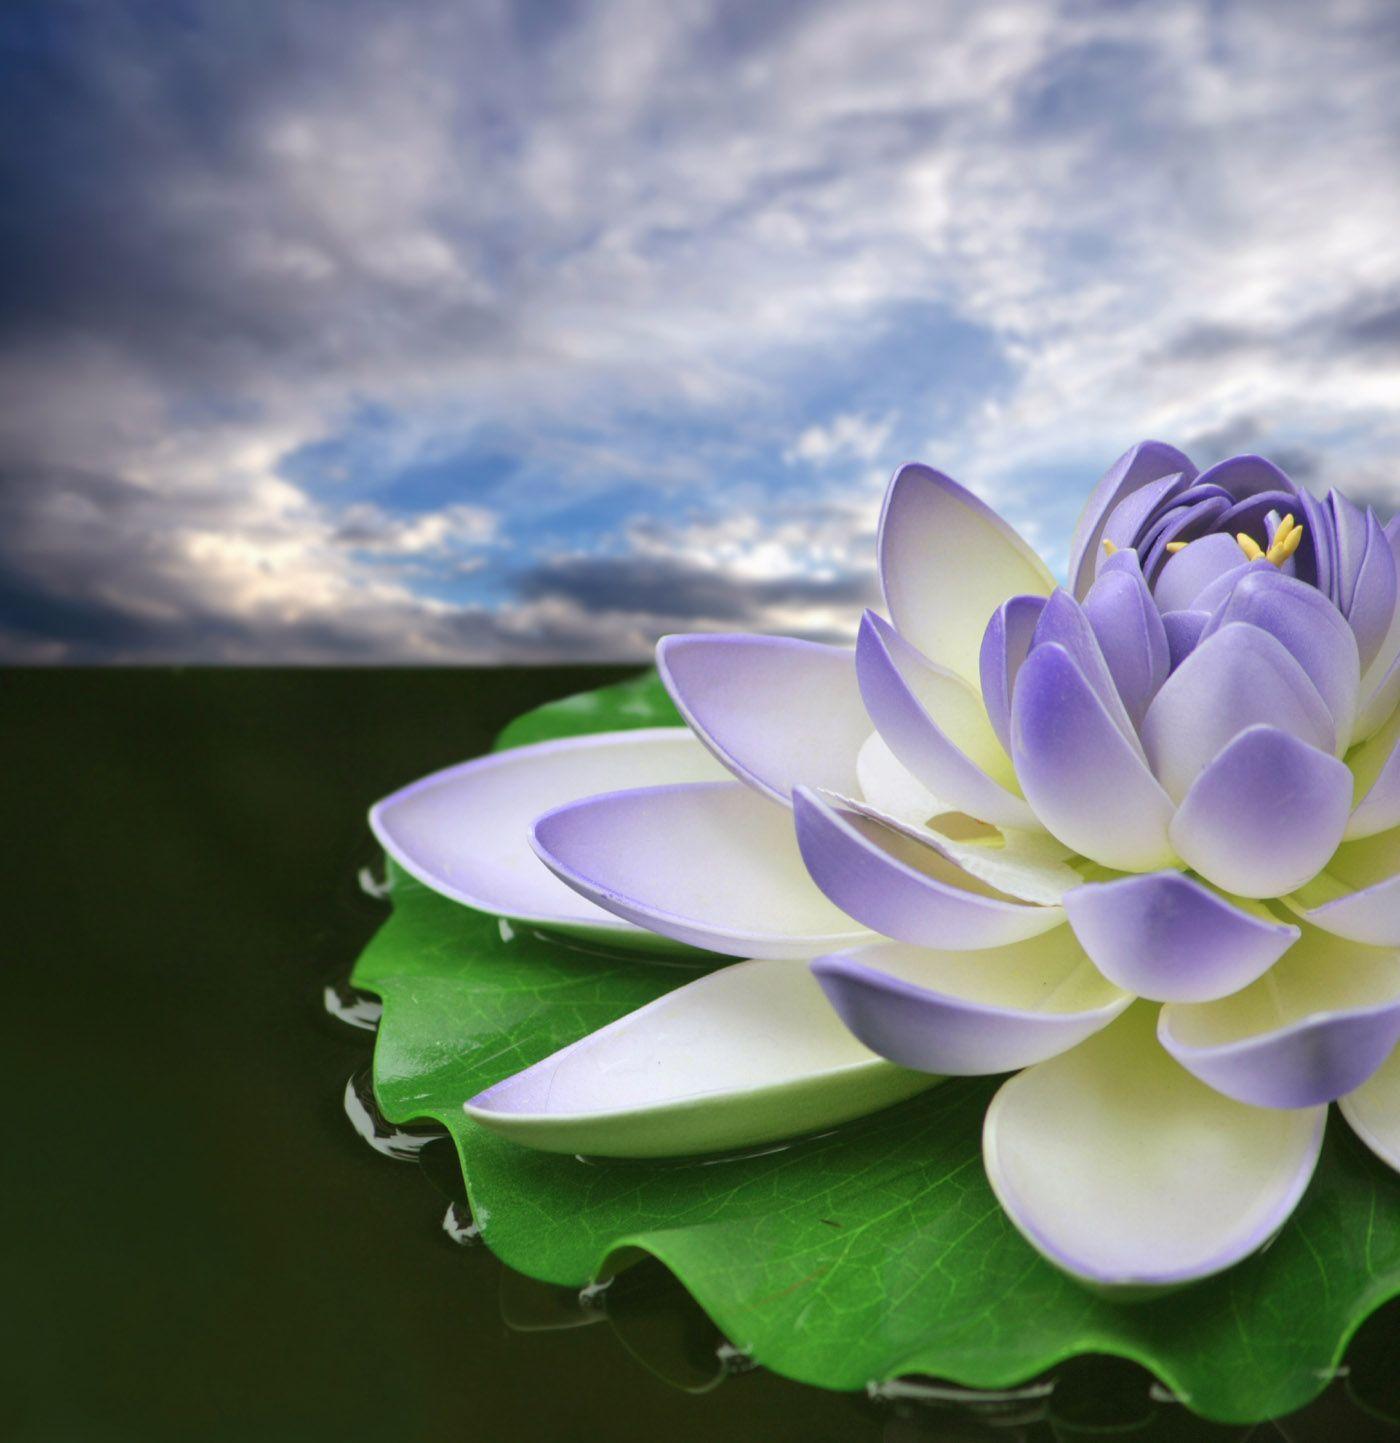 Lotus 31033 - Flower Wallpapers - Flowers